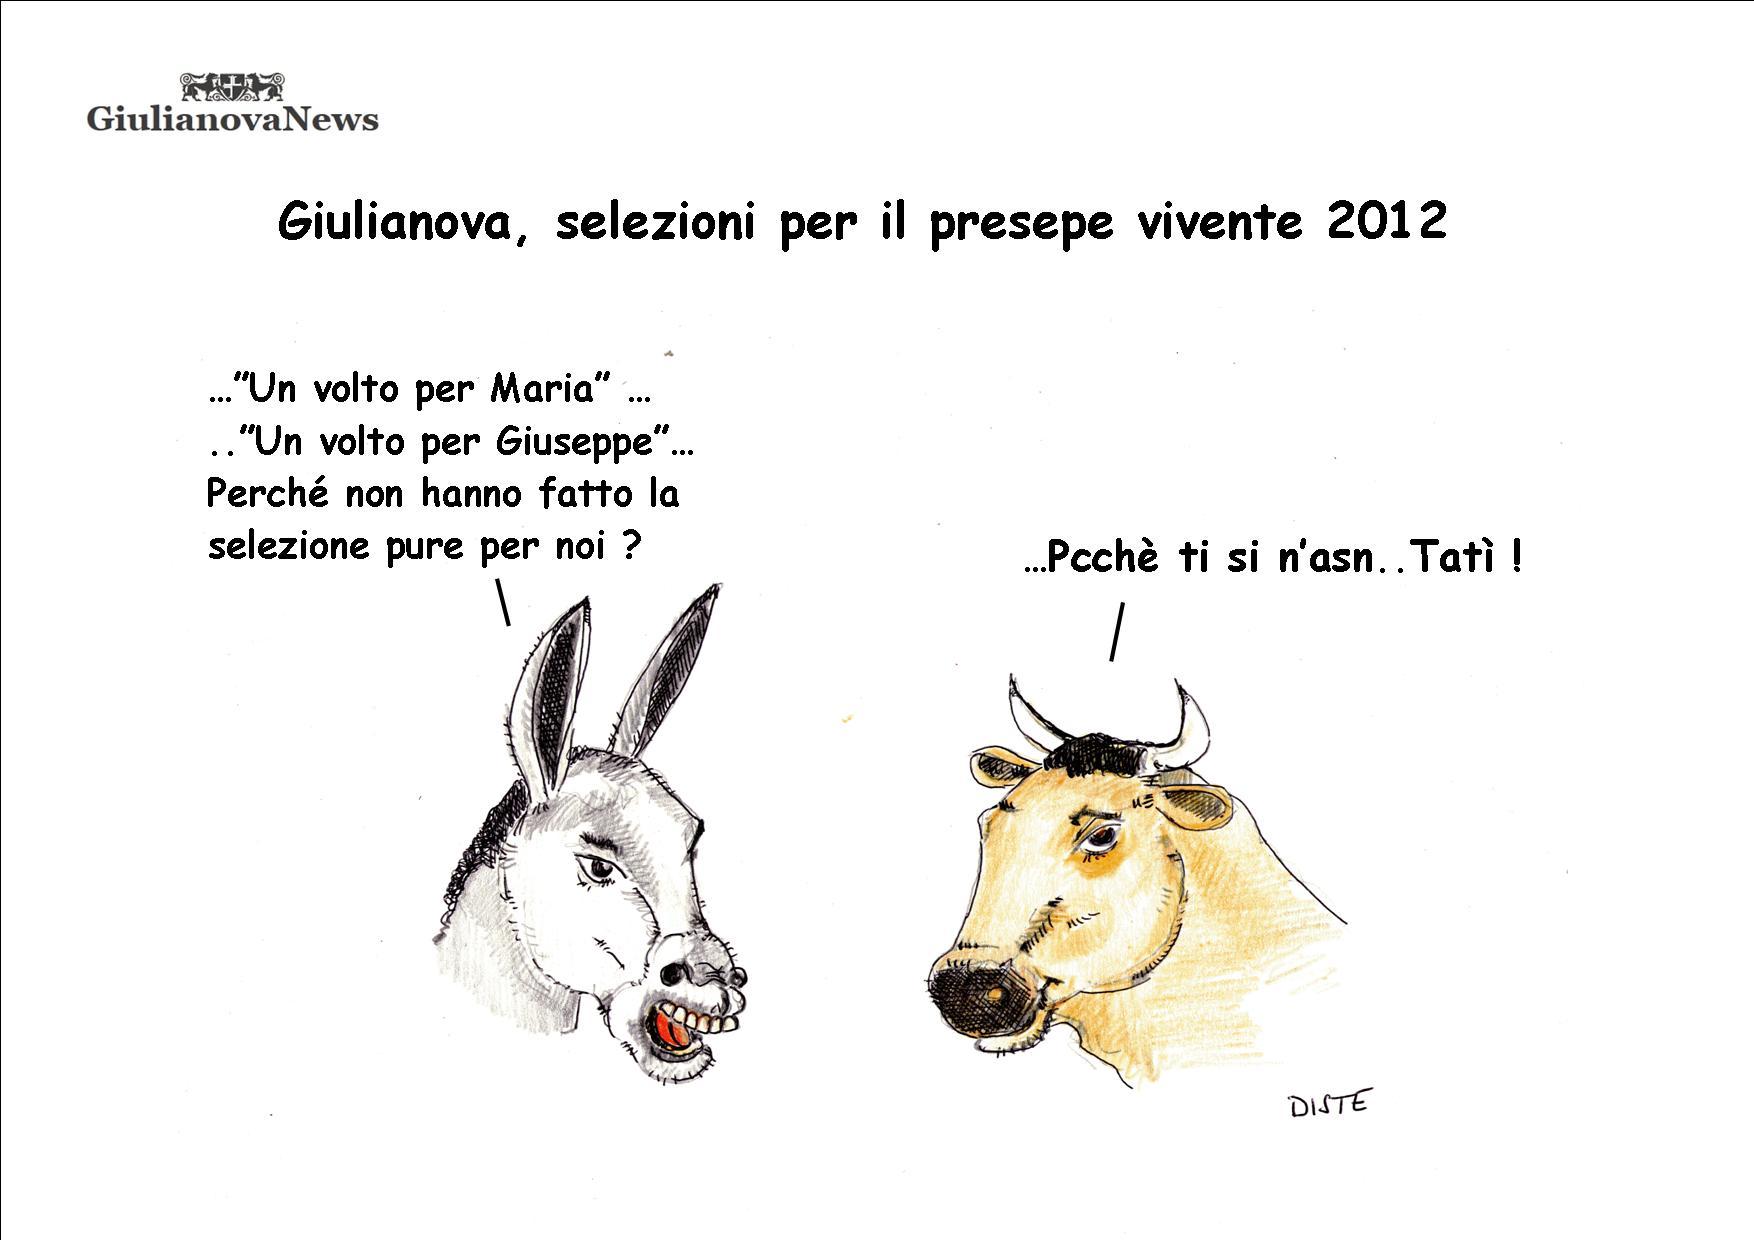 Giulianova selezioni per il presepe vivente 2012